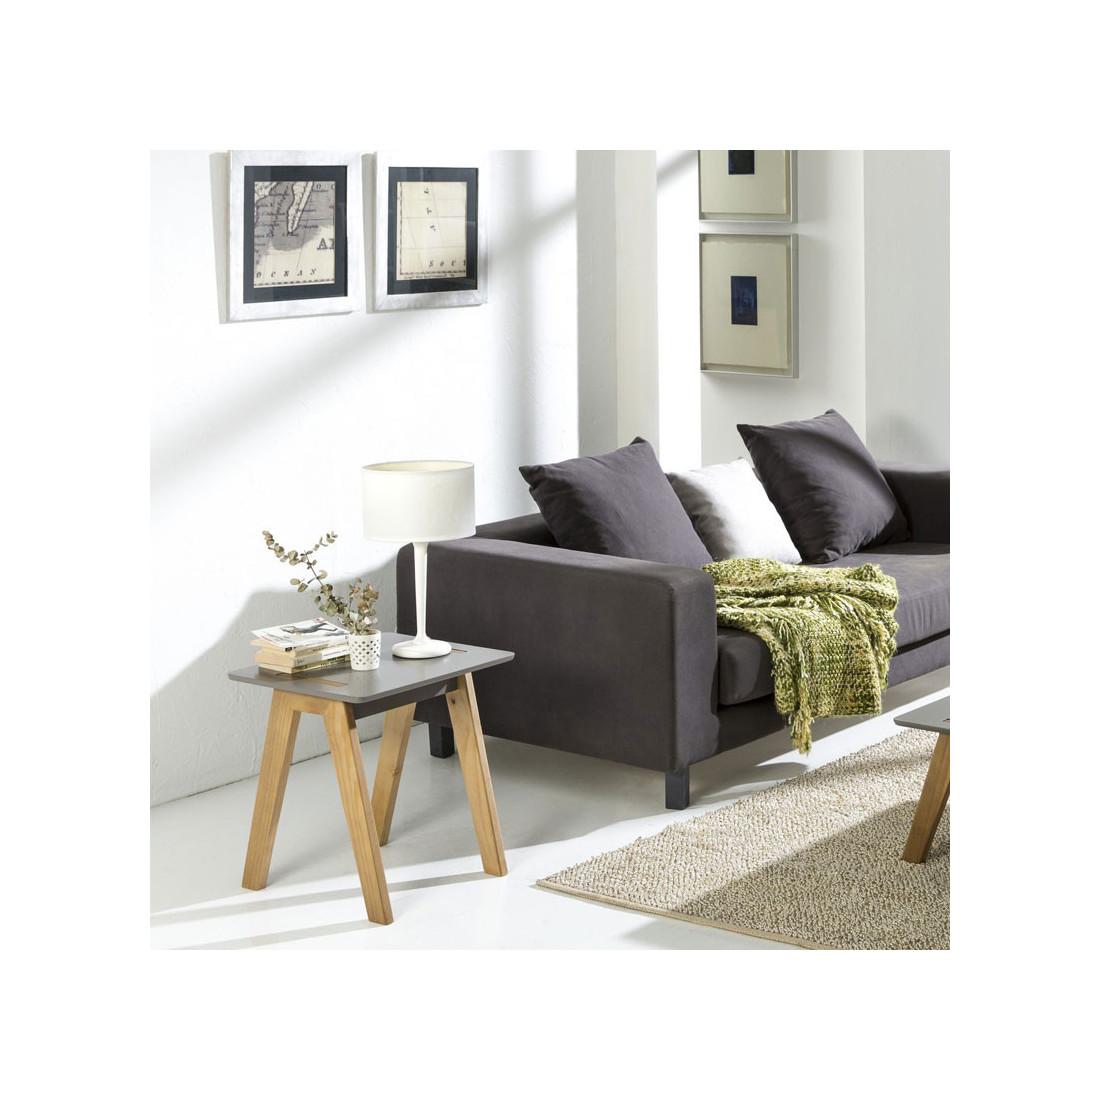 bout de canap scandinave gris bois chaca univers petits. Black Bedroom Furniture Sets. Home Design Ideas